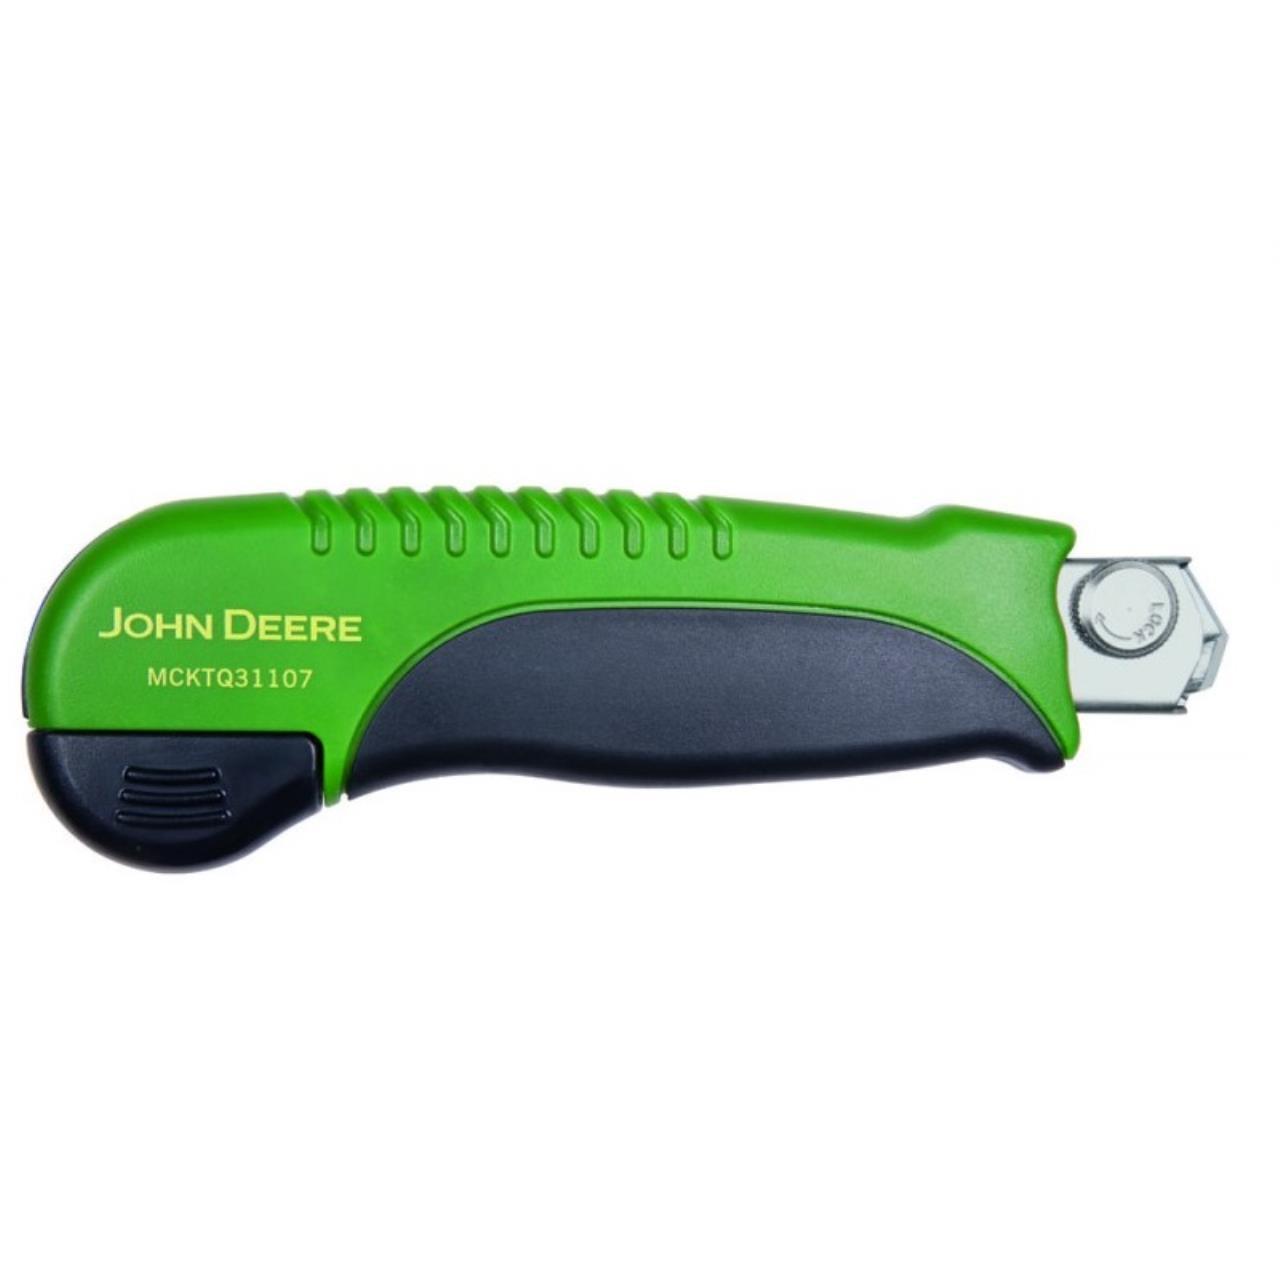 John Deere hobbykniv